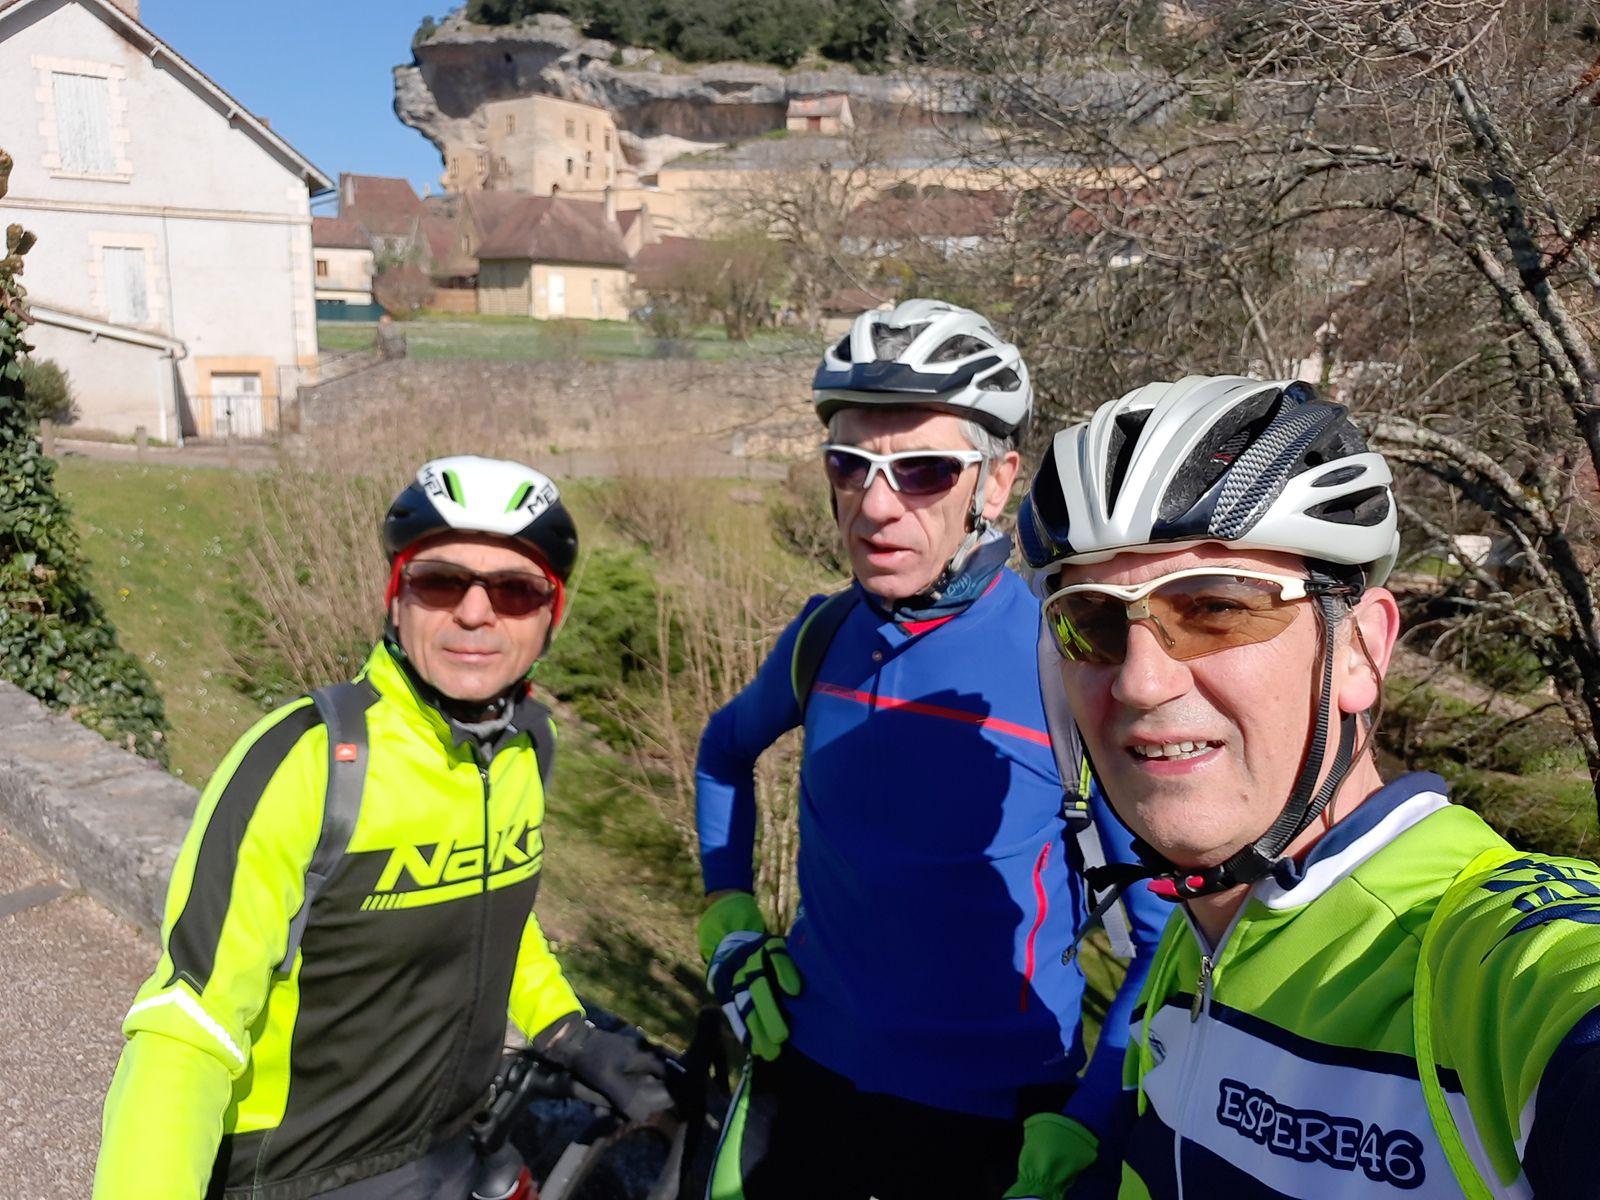 Sortie à la journée en Dordogne du Dimanche 28 mars 2021